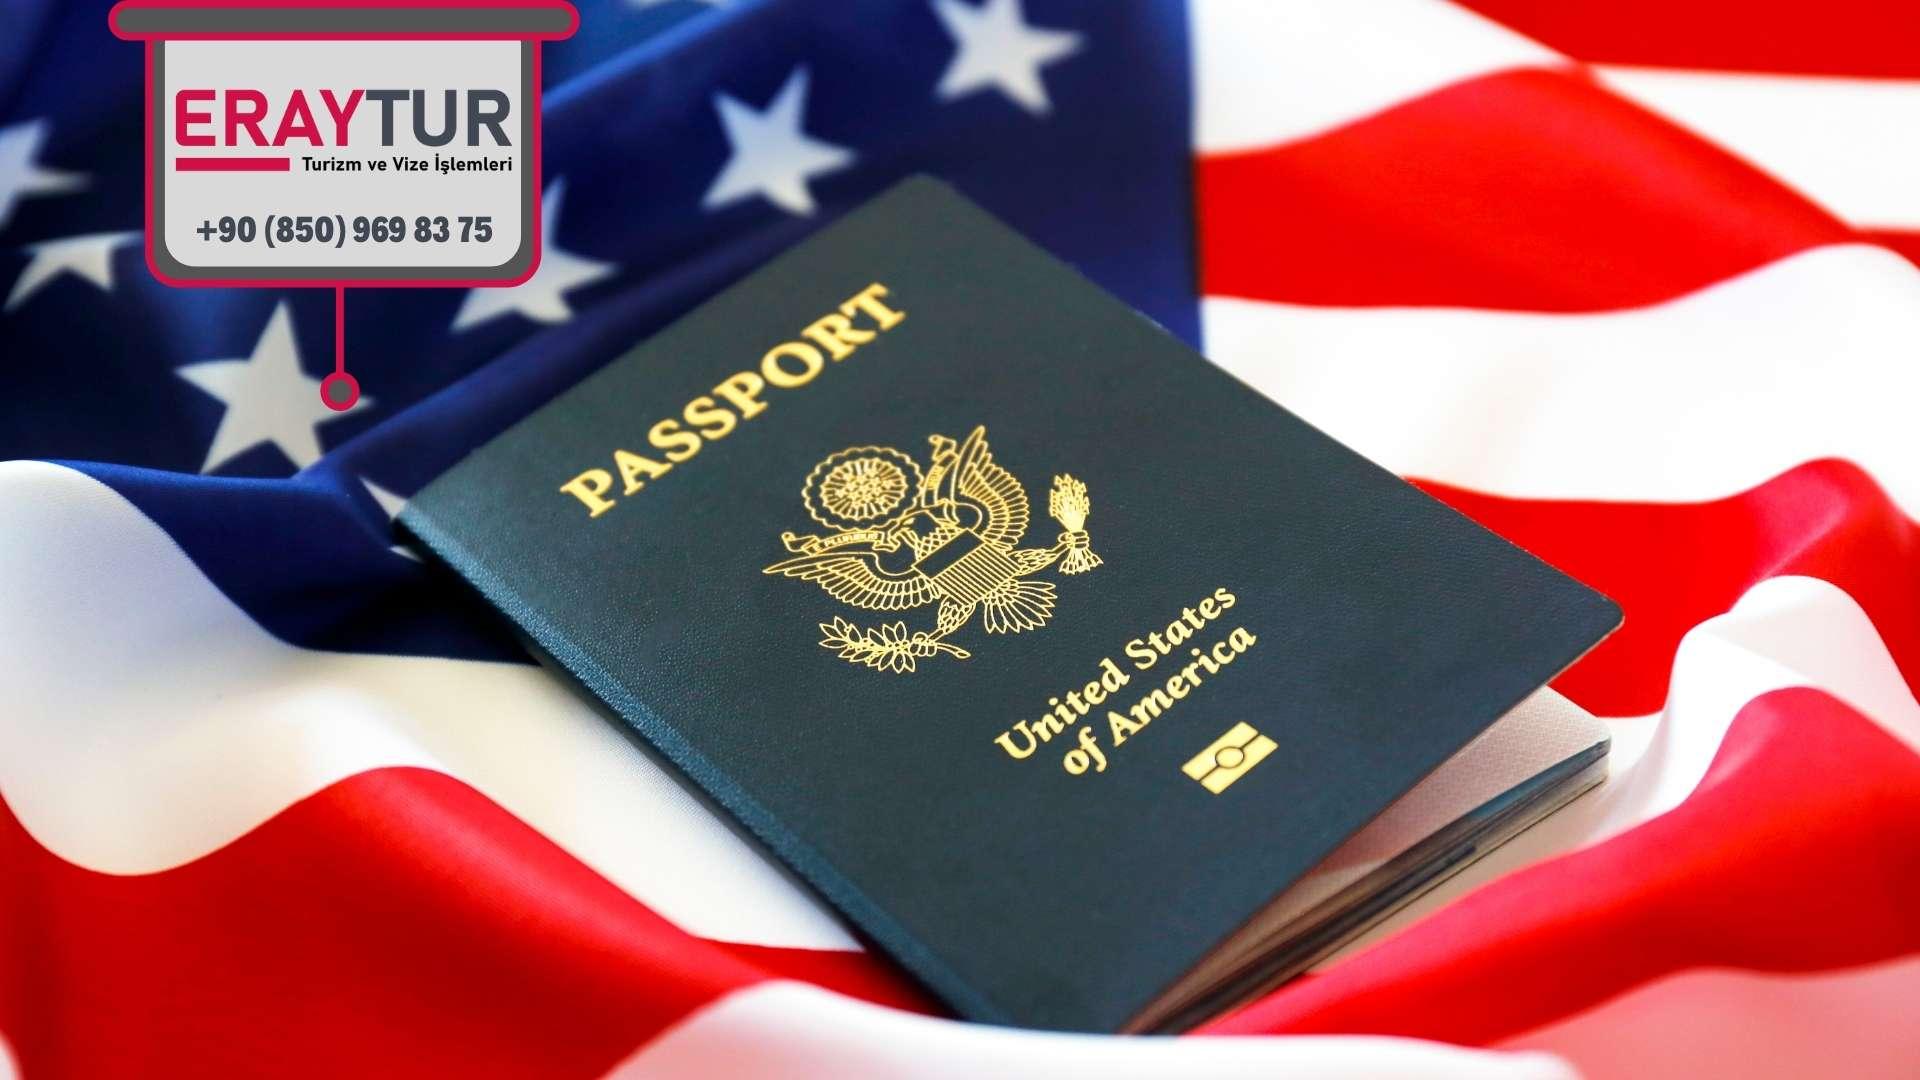 ABD Vize Türleri